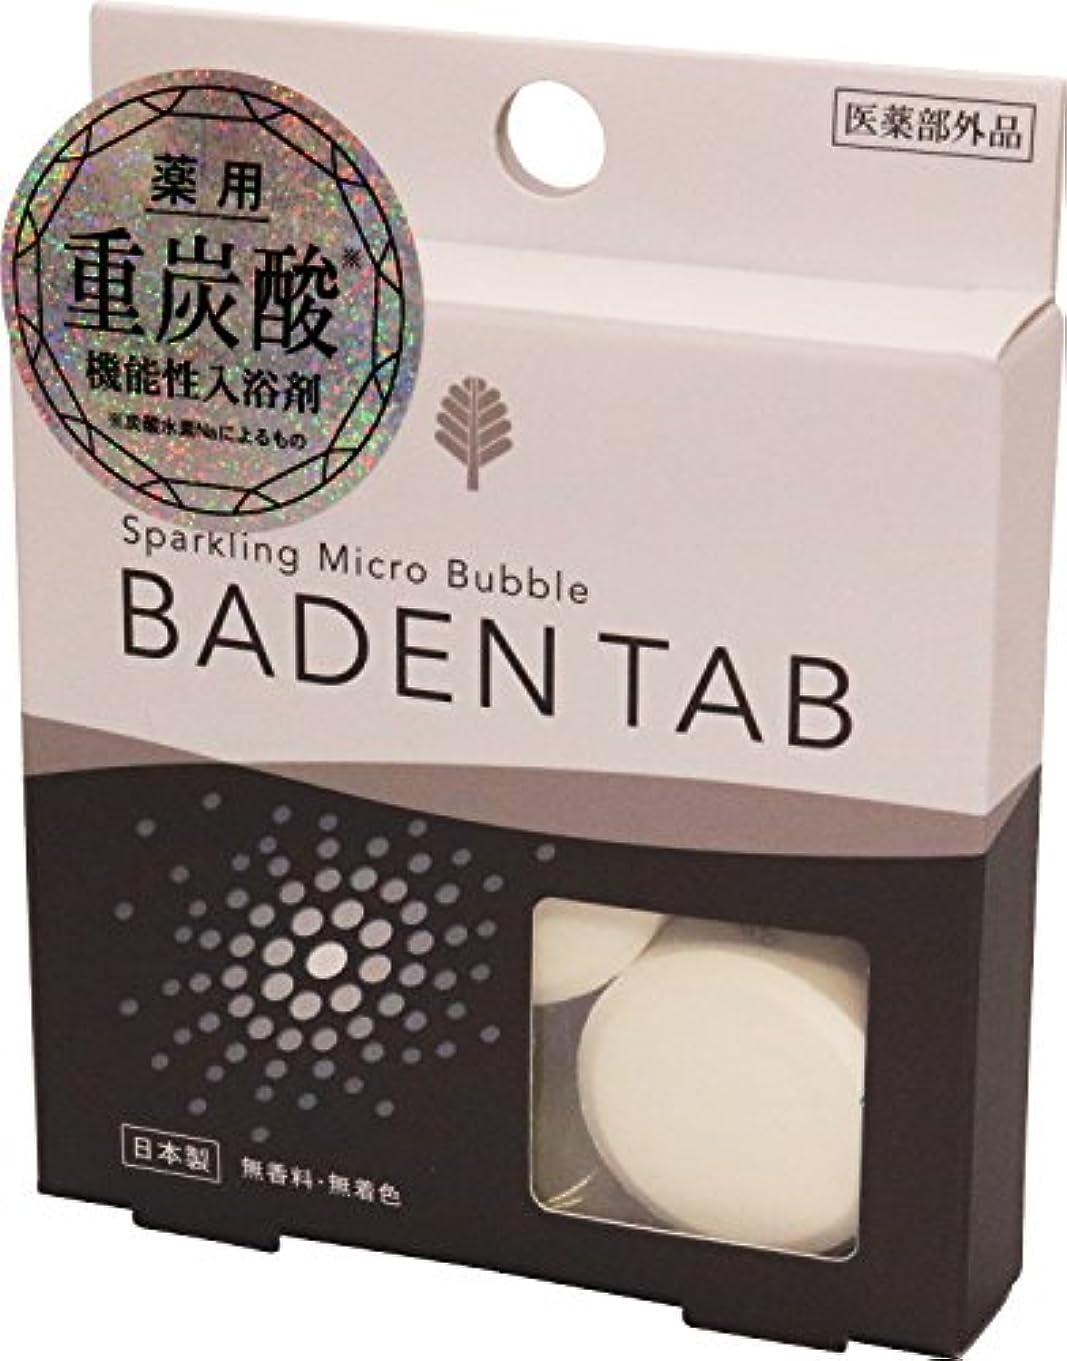 生き残りぬれた形紀陽除虫菊 薬用 重炭酸 機能性入浴剤 バーデンタブ 5錠